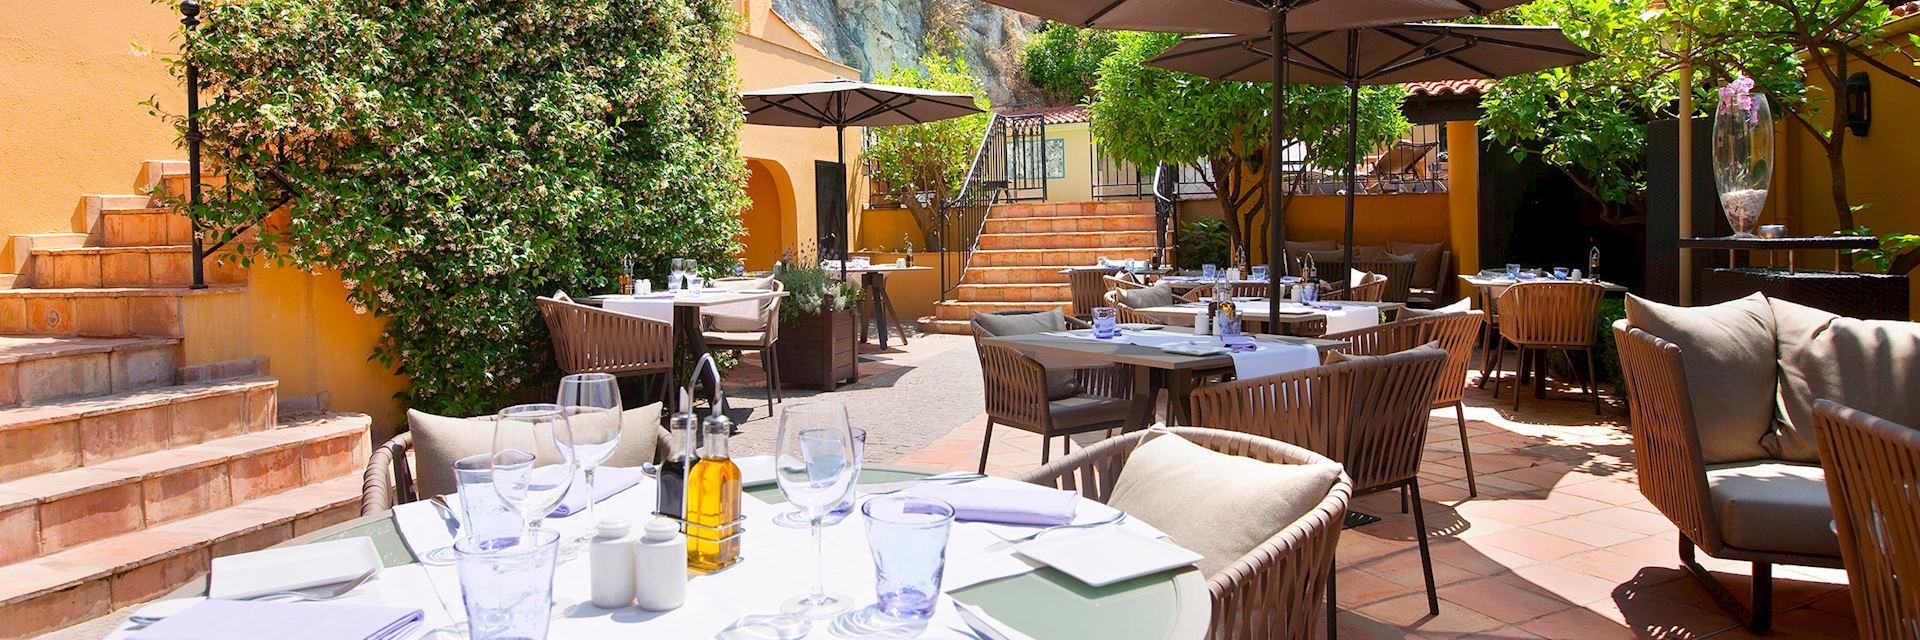 Hôtel La Pérouse, French Riviera